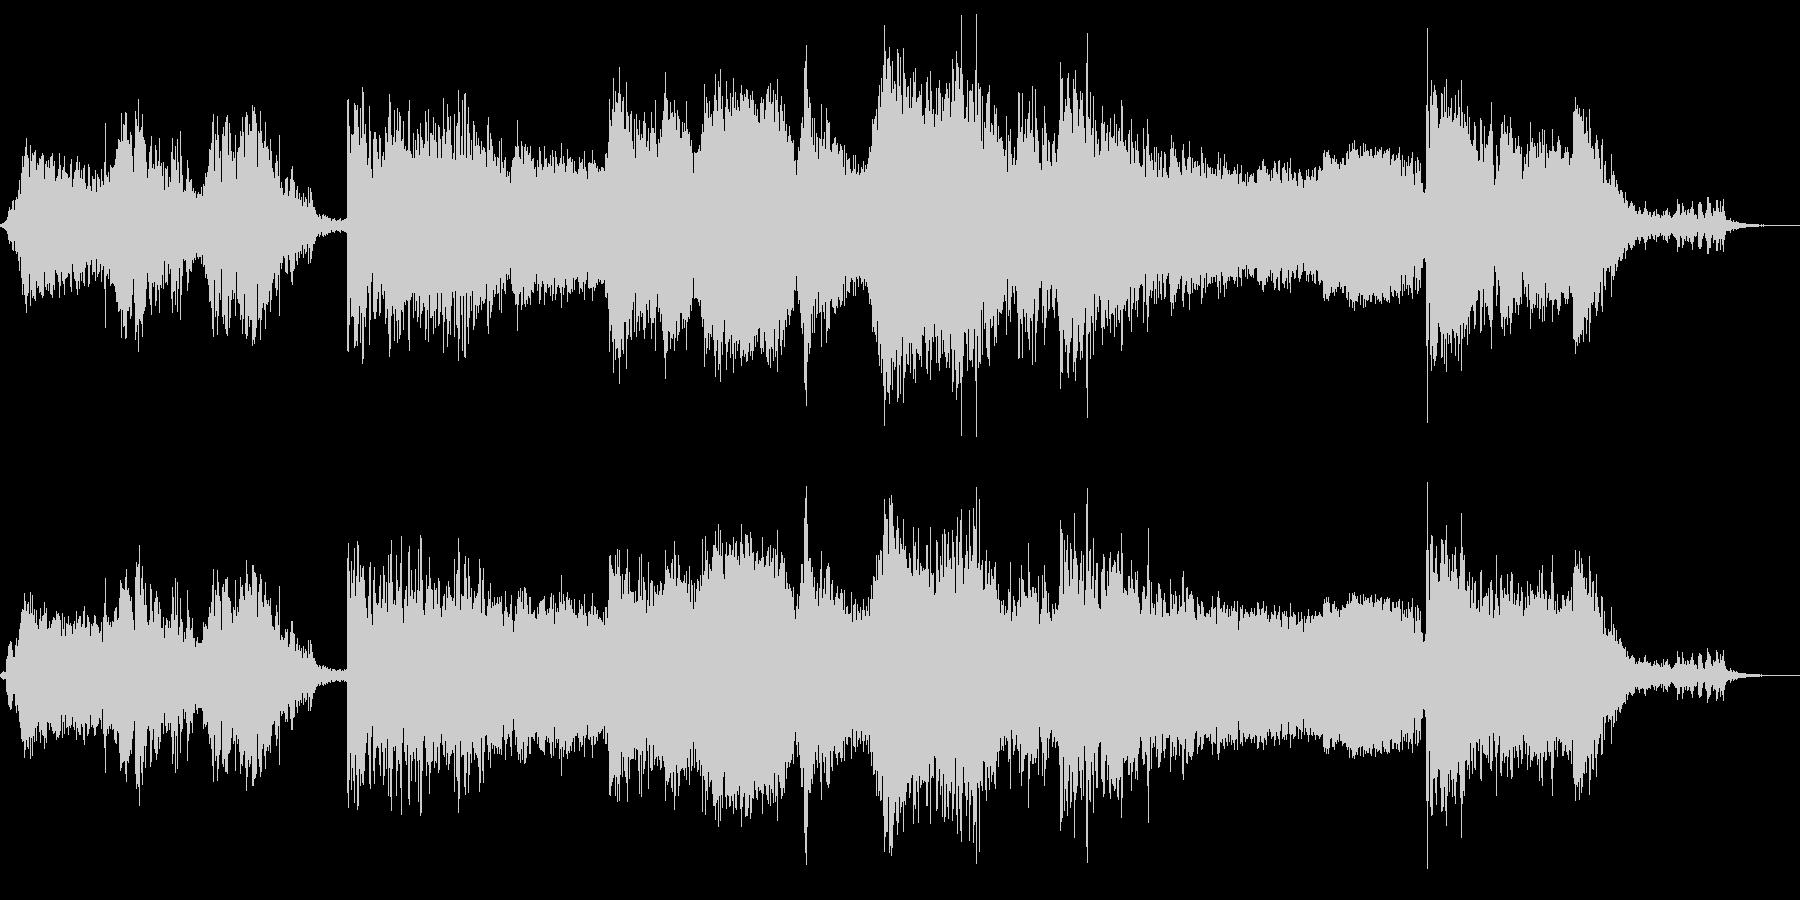 クラッシャゲドンの未再生の波形